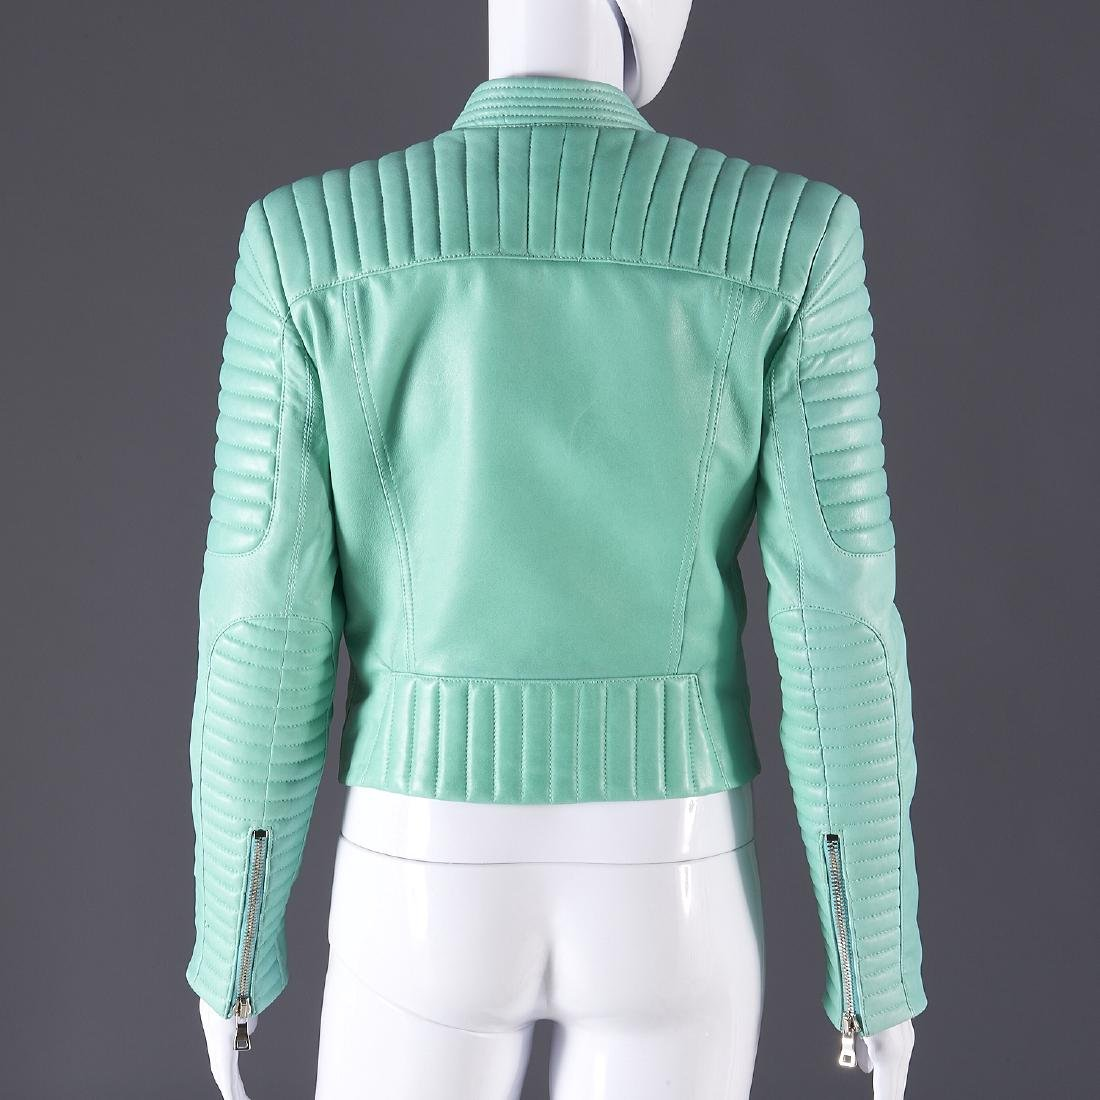 Balmain Paris turquoise lambskin jacket - 4